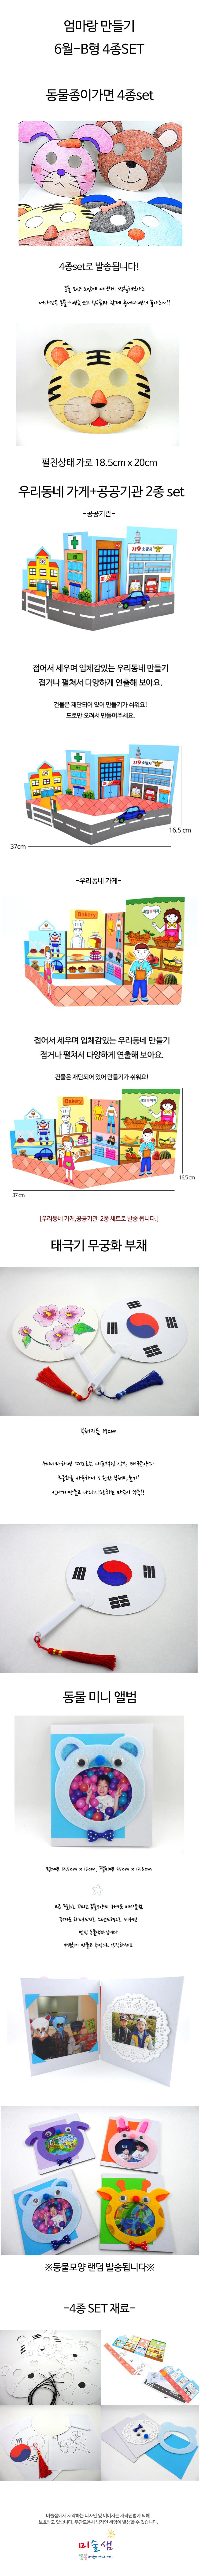 엄마랑만들기 6월-B형 4종SET - 미술샘, 8,700원, 종이공예/북아트, 종이공예 패키지